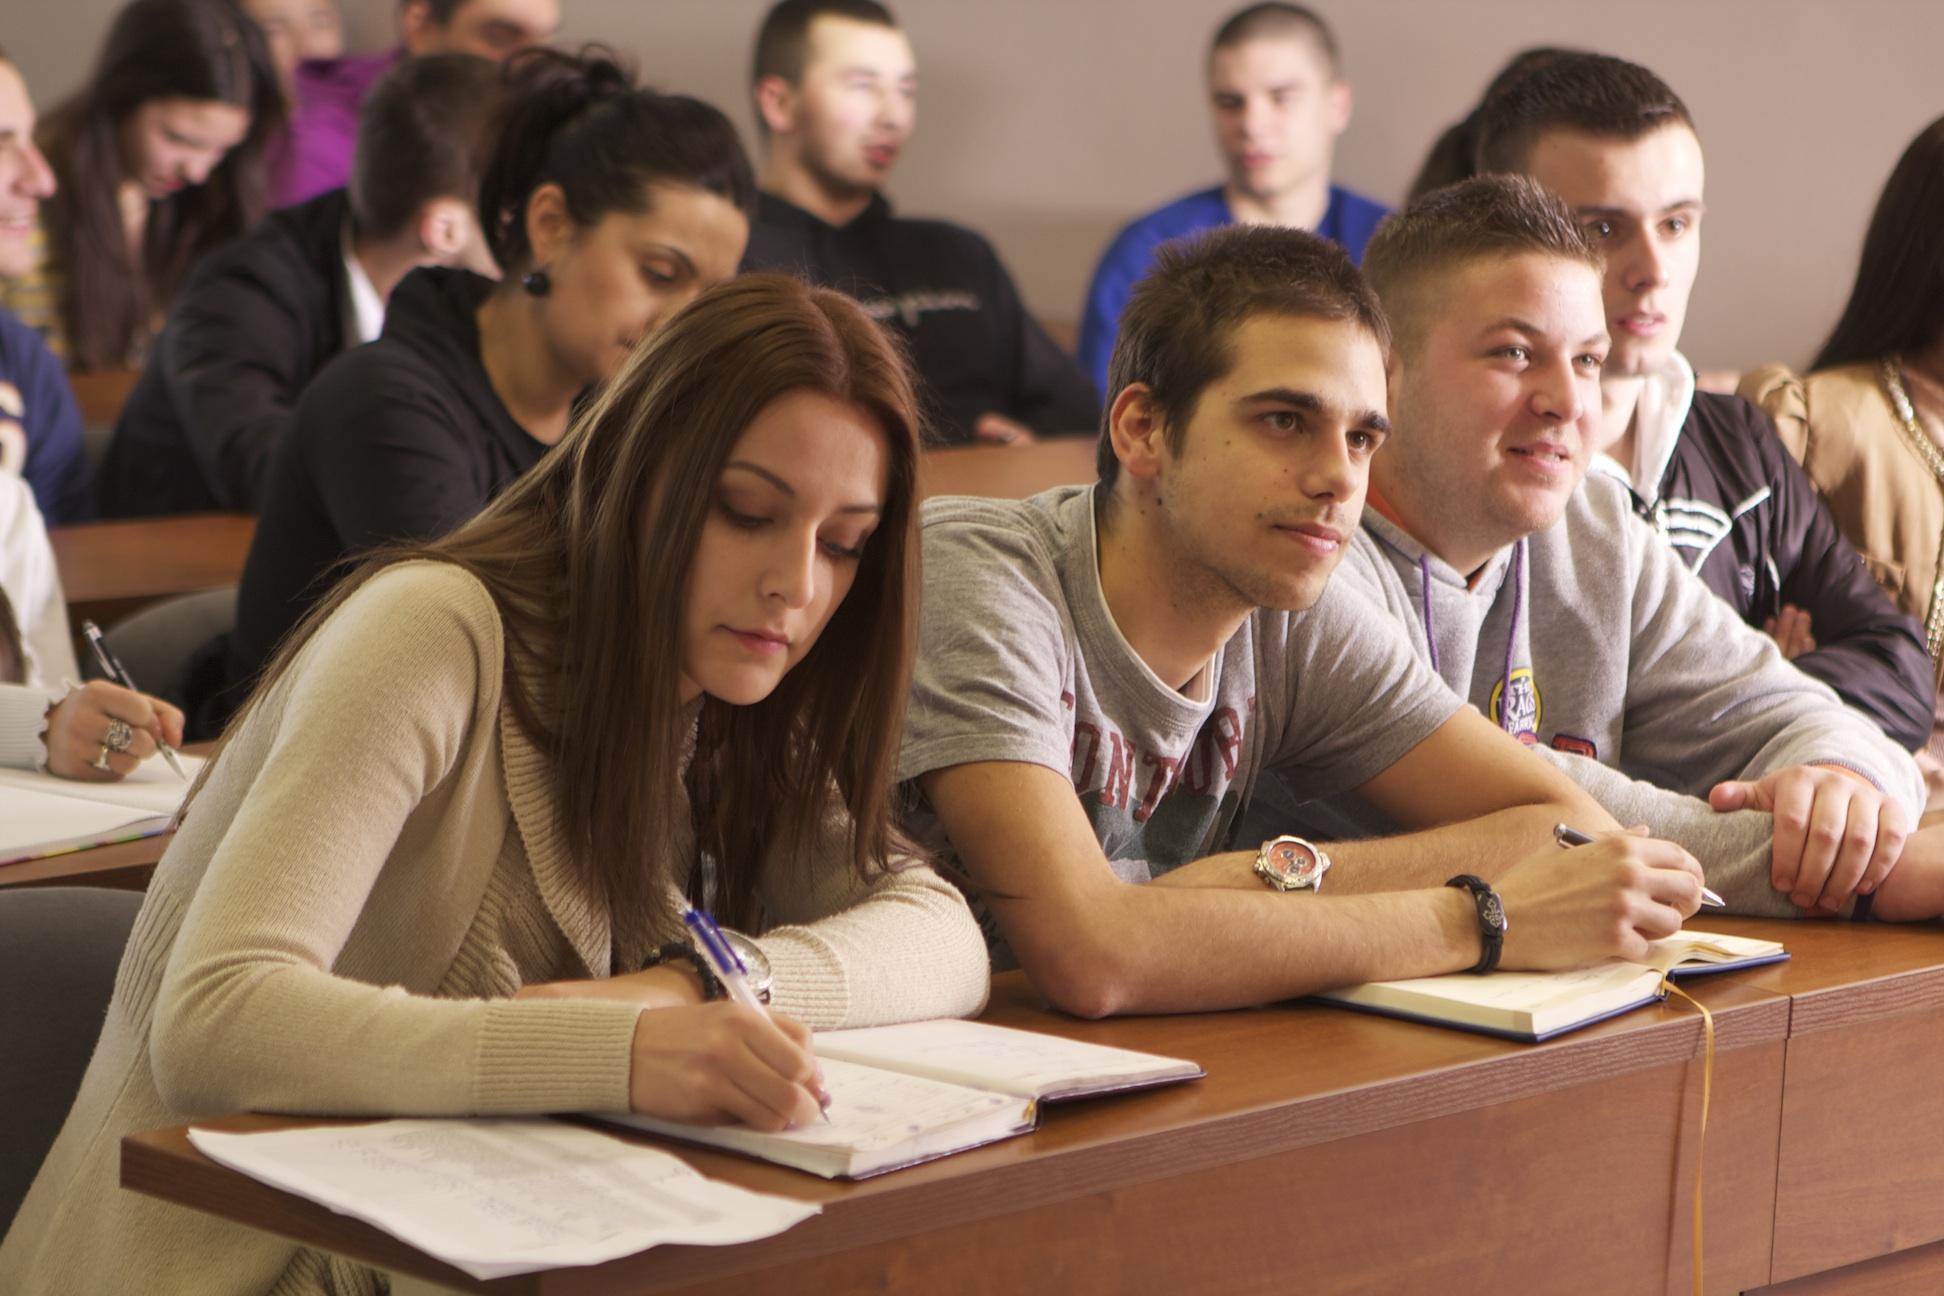 VEČITI STUDENTI